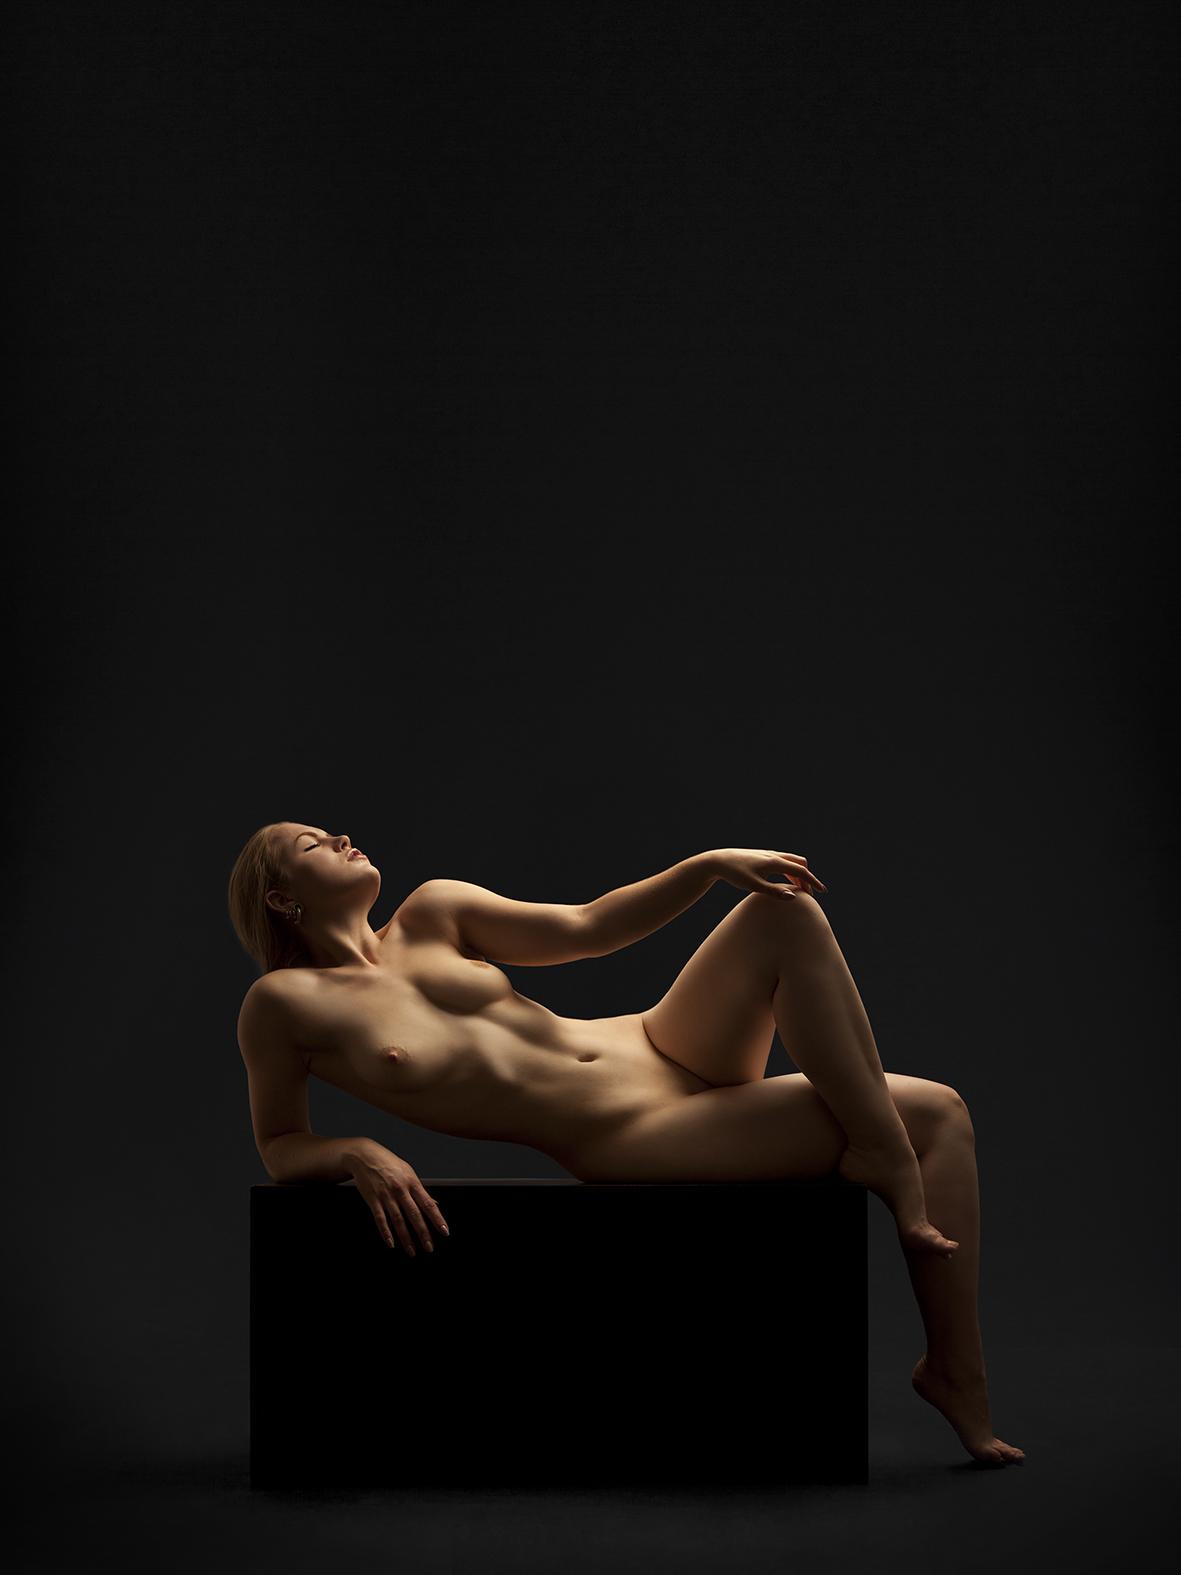 Nude 1 av Marion Haslien